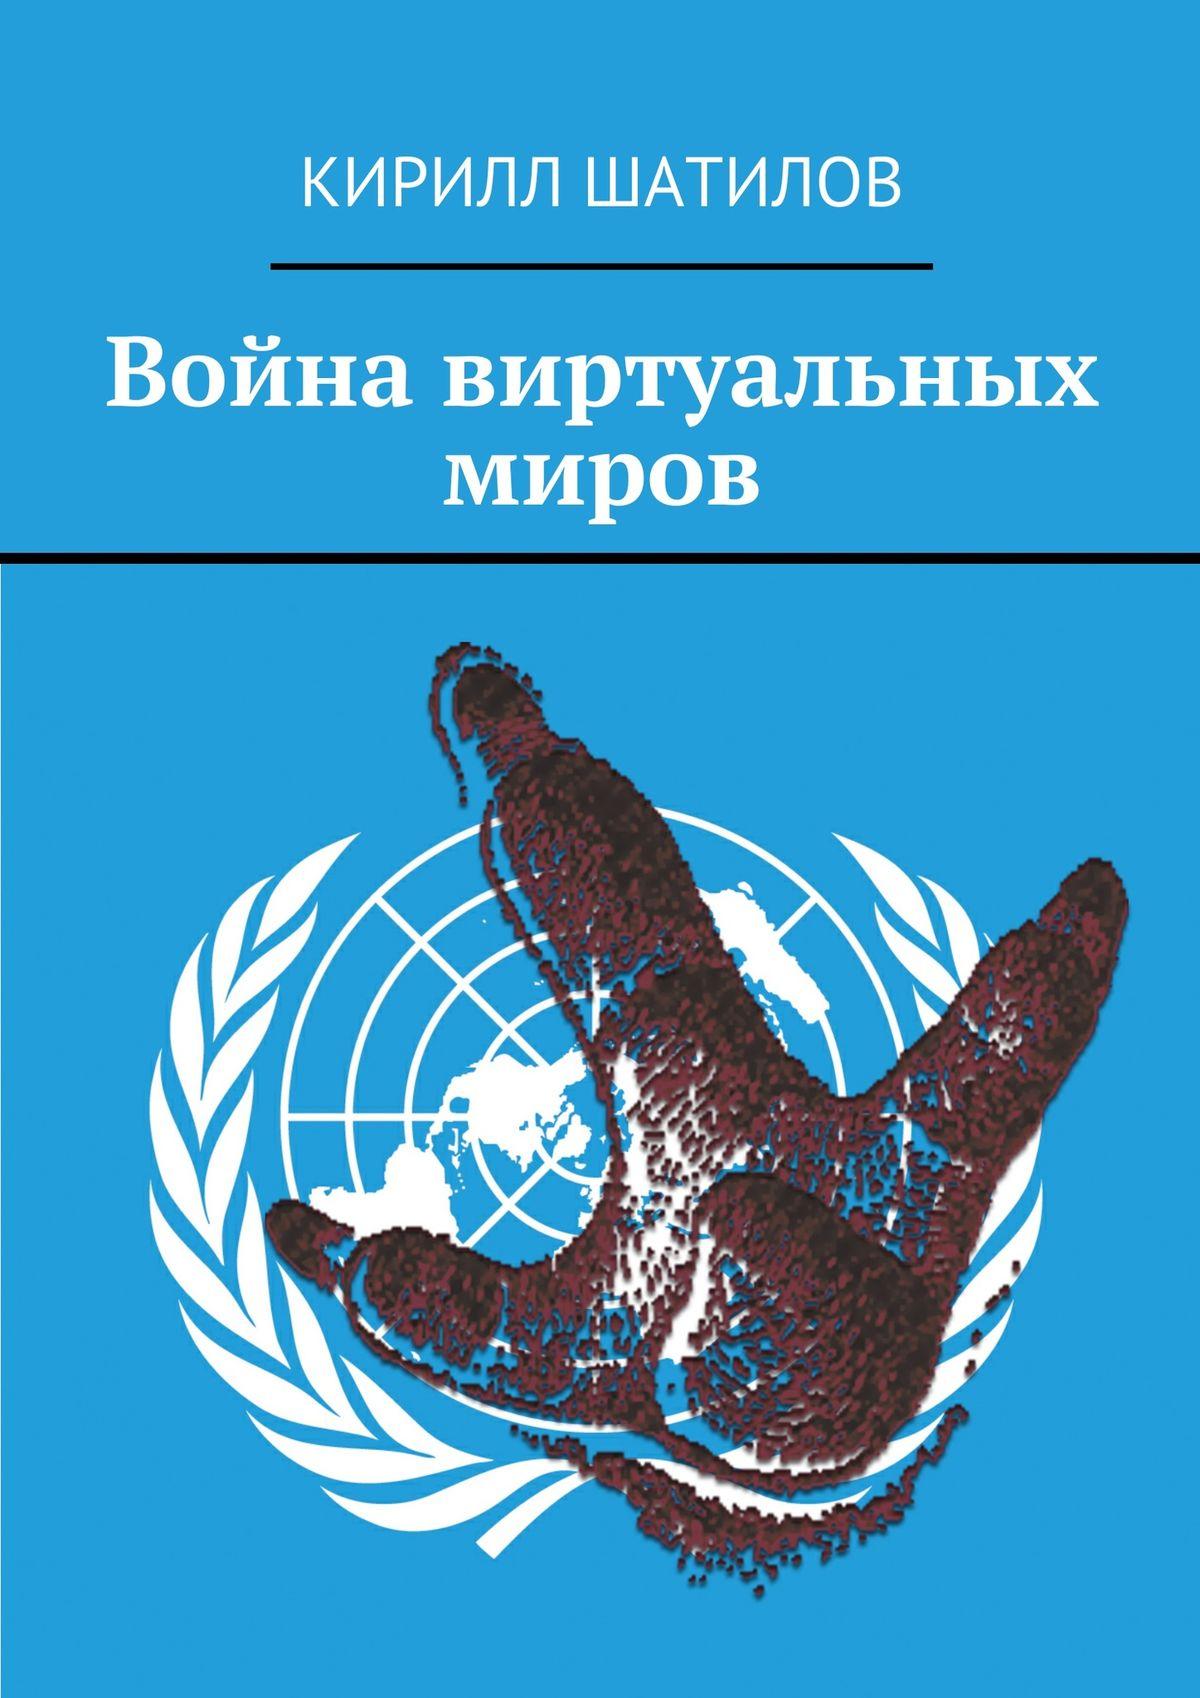 Кирилл Шатилов Война виртуальных миров кирилл шатилов зимняяжара реальное фэнтези– томi–боец